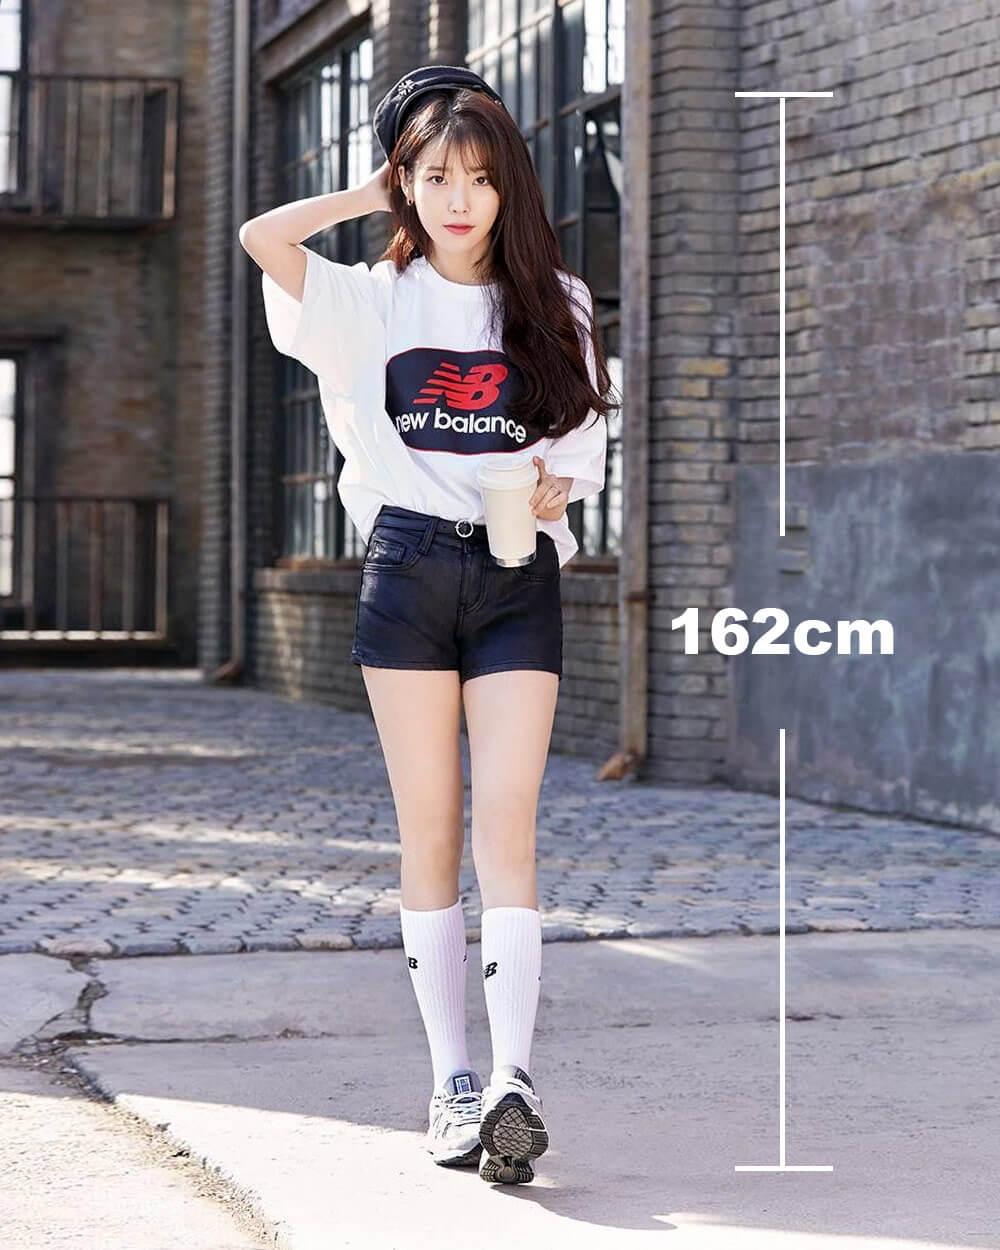 Korean Short and Cute Beauty